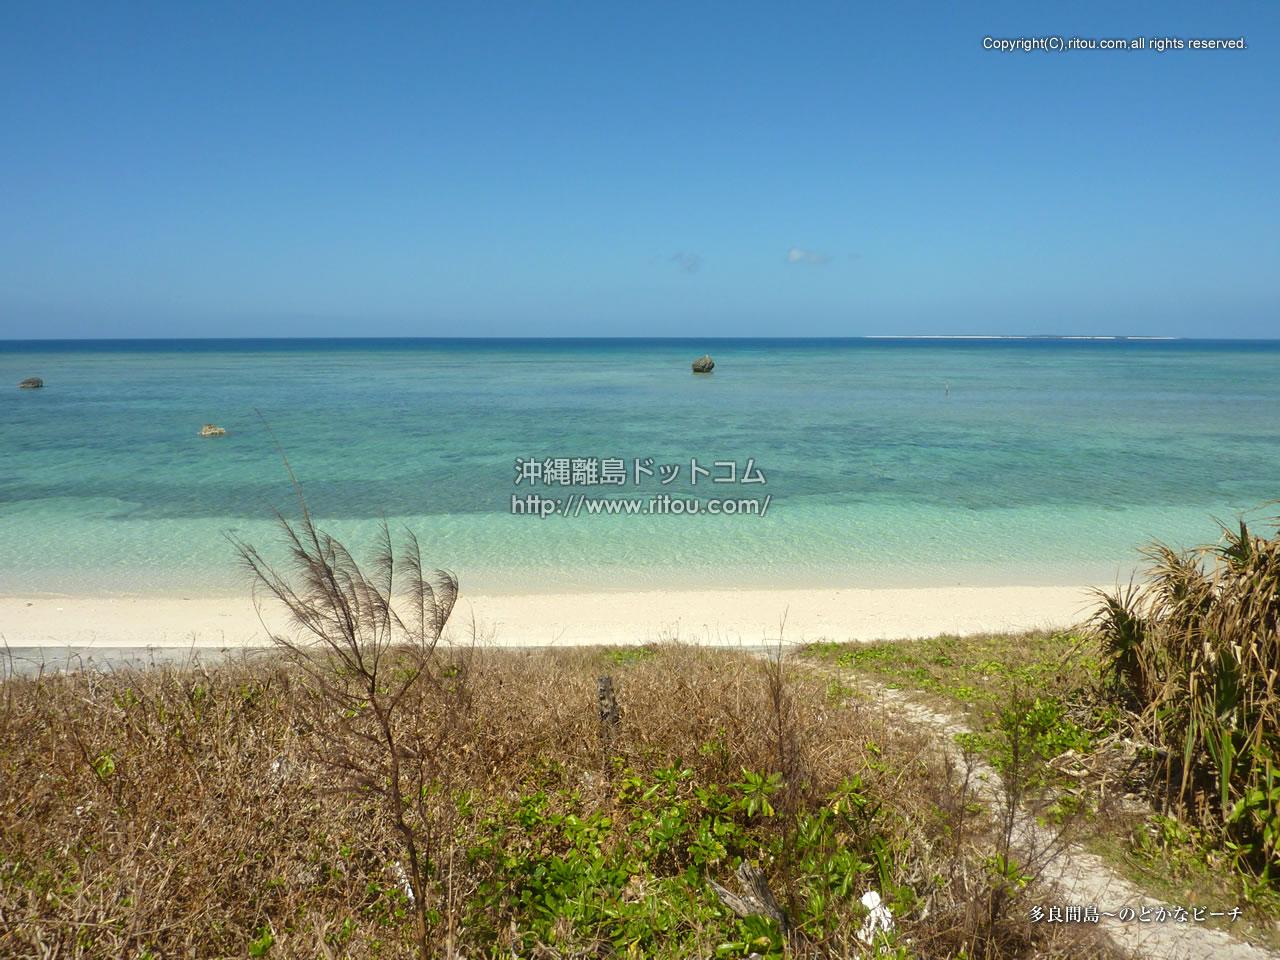 多良間島〜のどかなビーチ